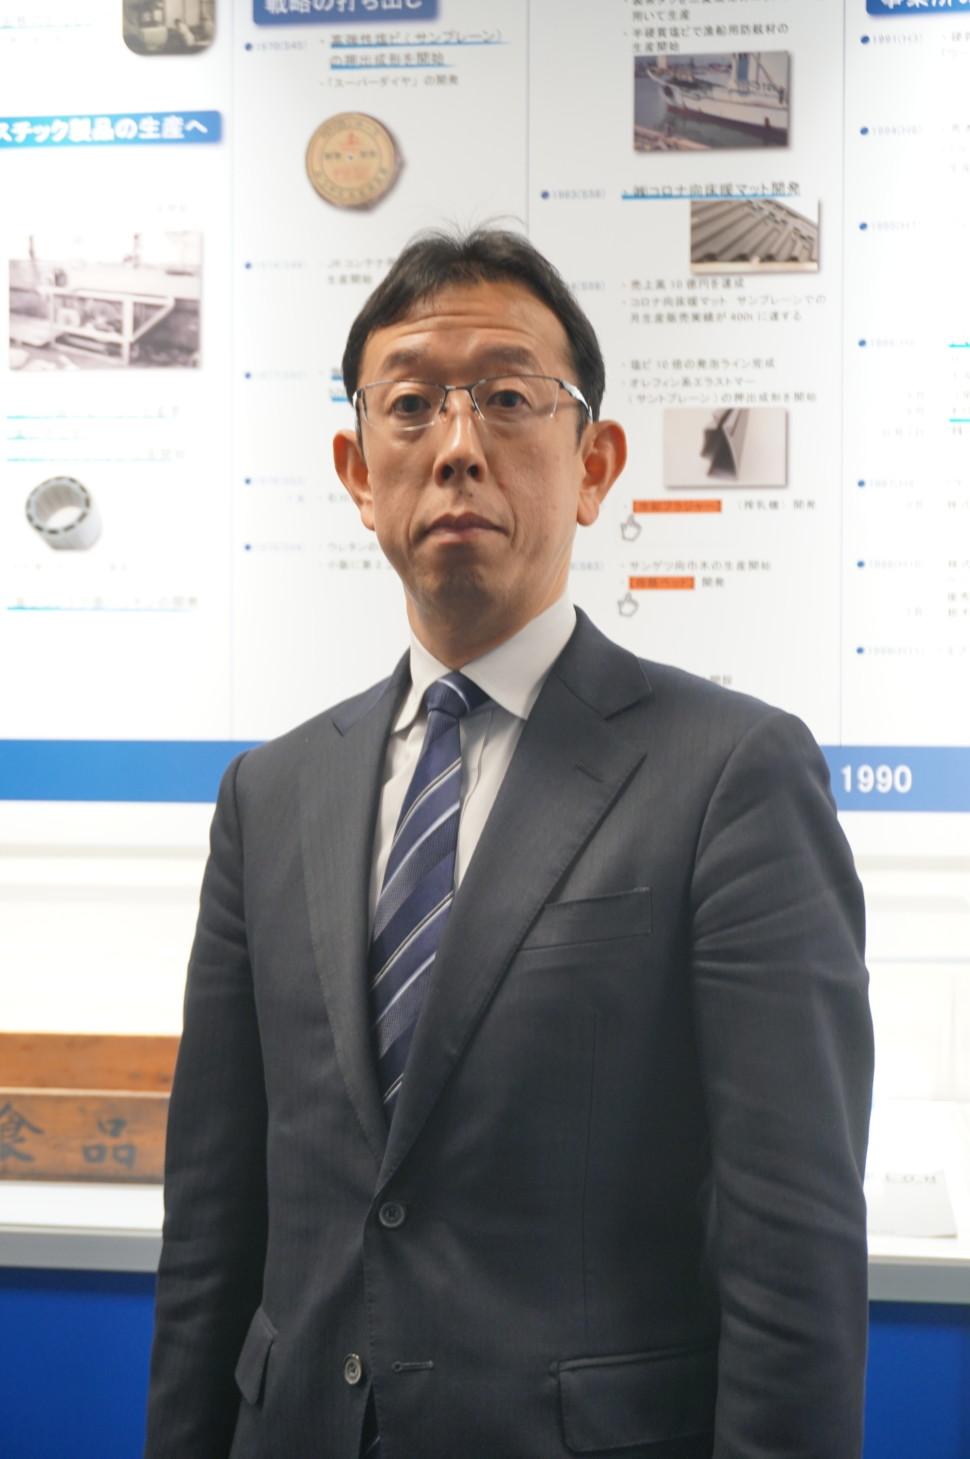 石川明一社長